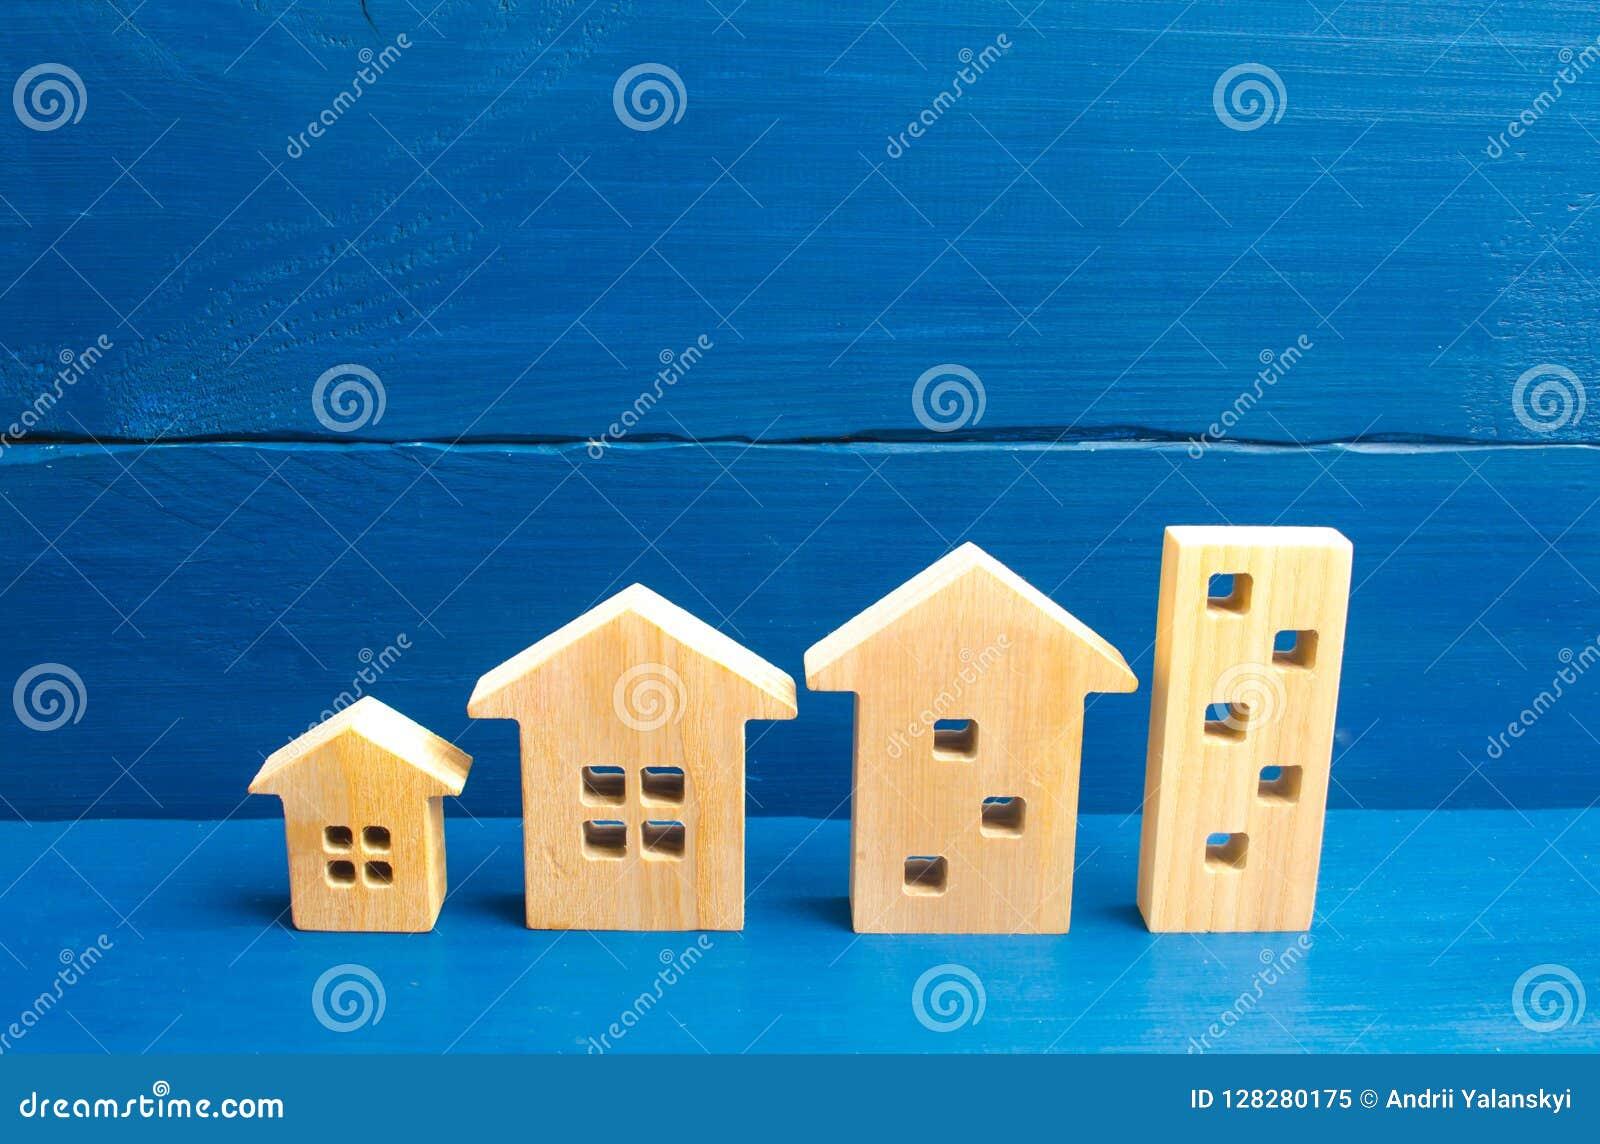 Дома стоят в ряд от простого к большому Концепция урбанизации и плотности населения Рост городов, конструкция